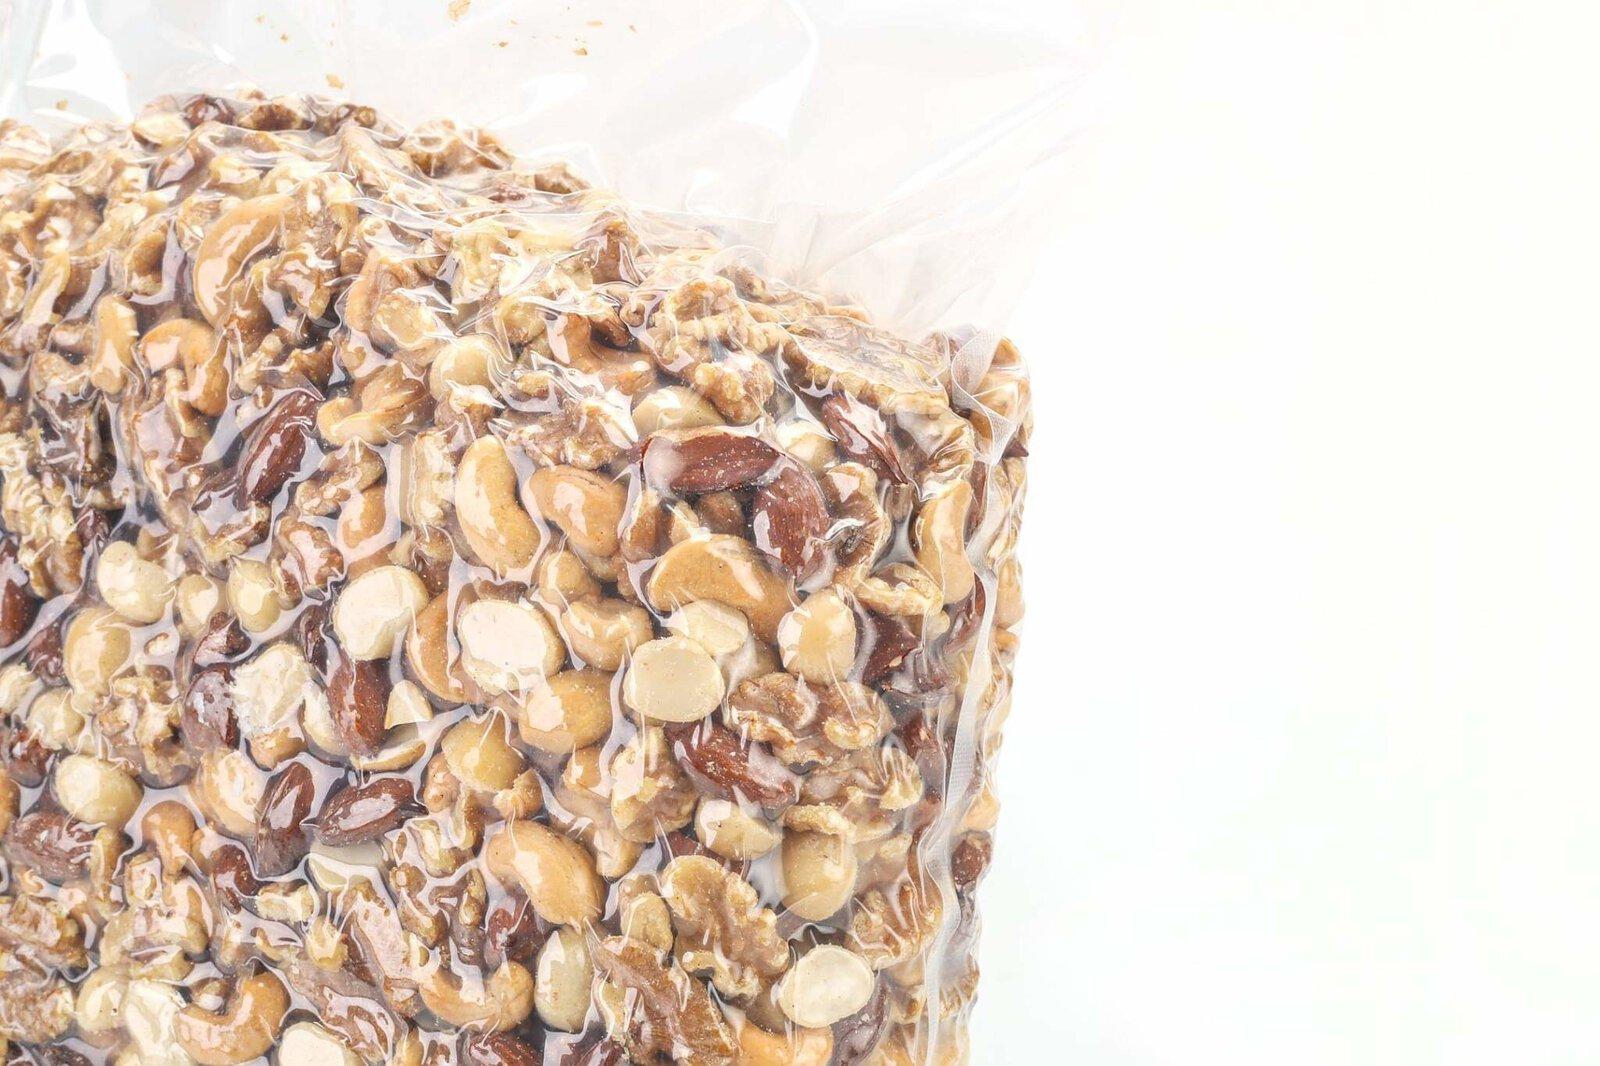 原味綜合堅果—3公斤家庭號